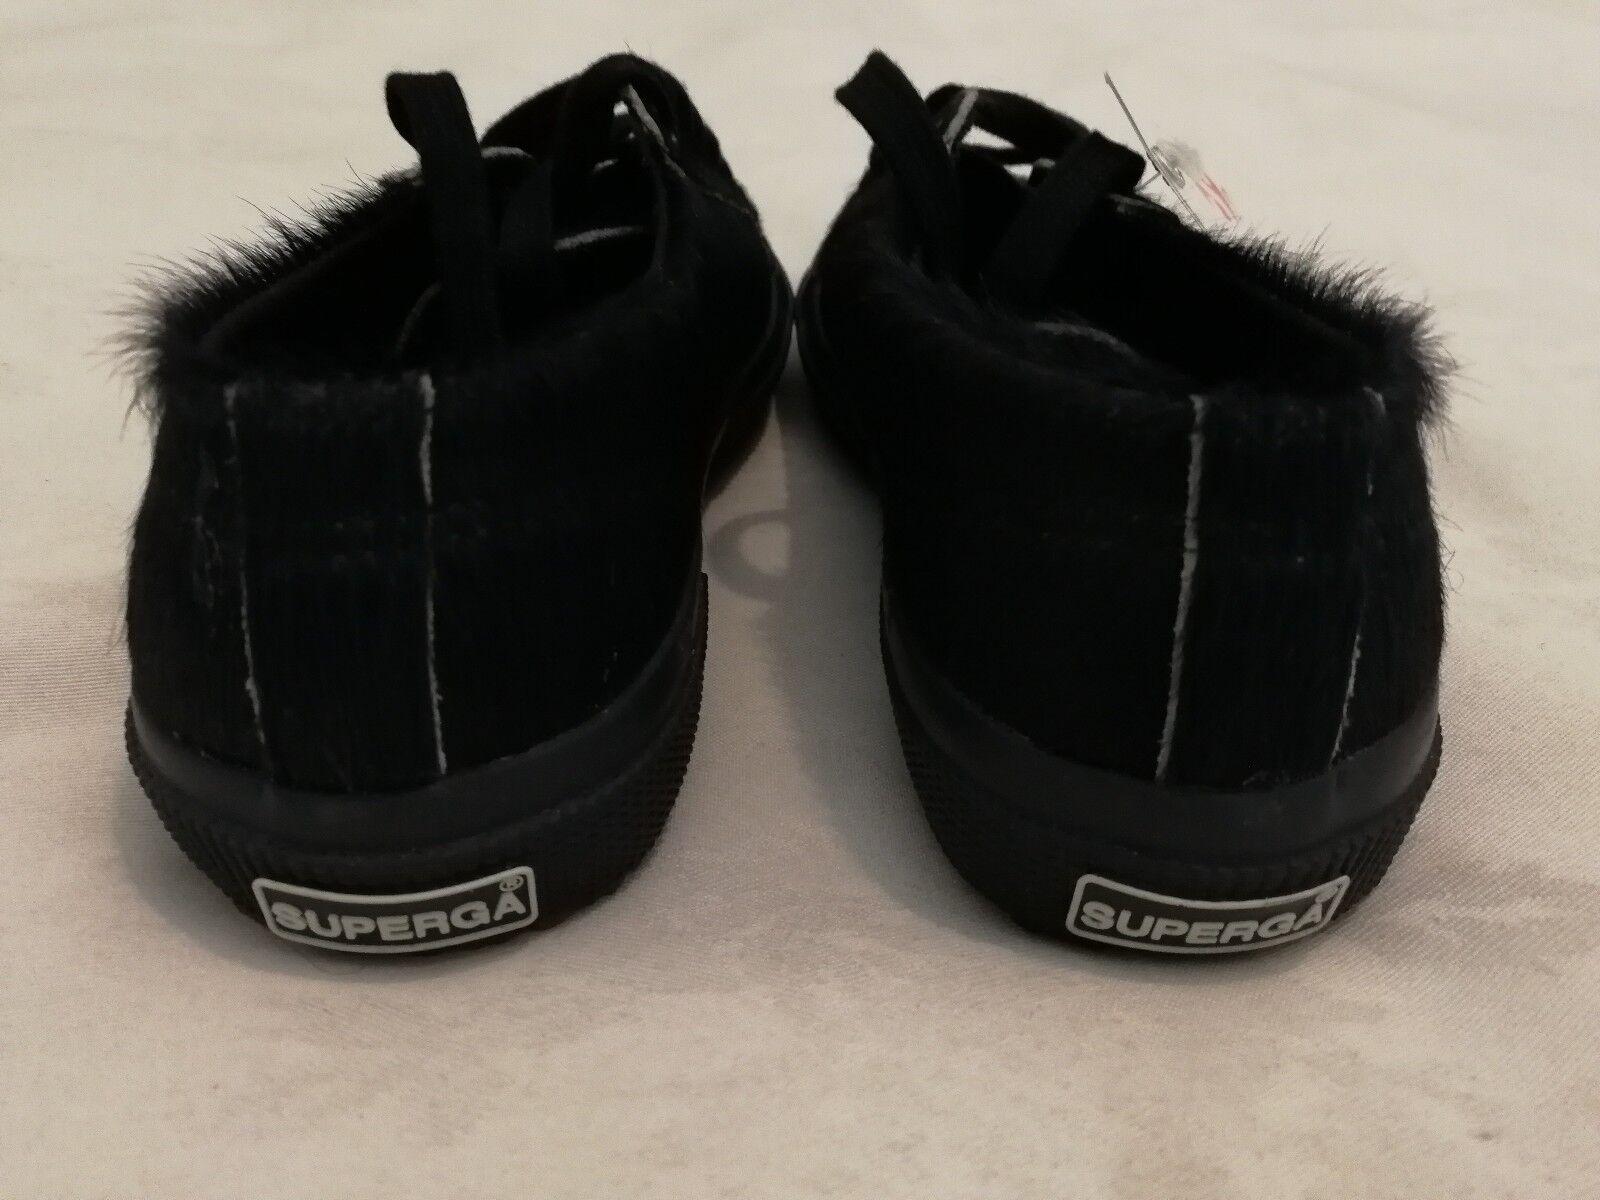 SUPERGA Größe 2750 LEAHORSEU Sneaker Navy Größe SUPERGA uk 2.5 eu 35 a3aead